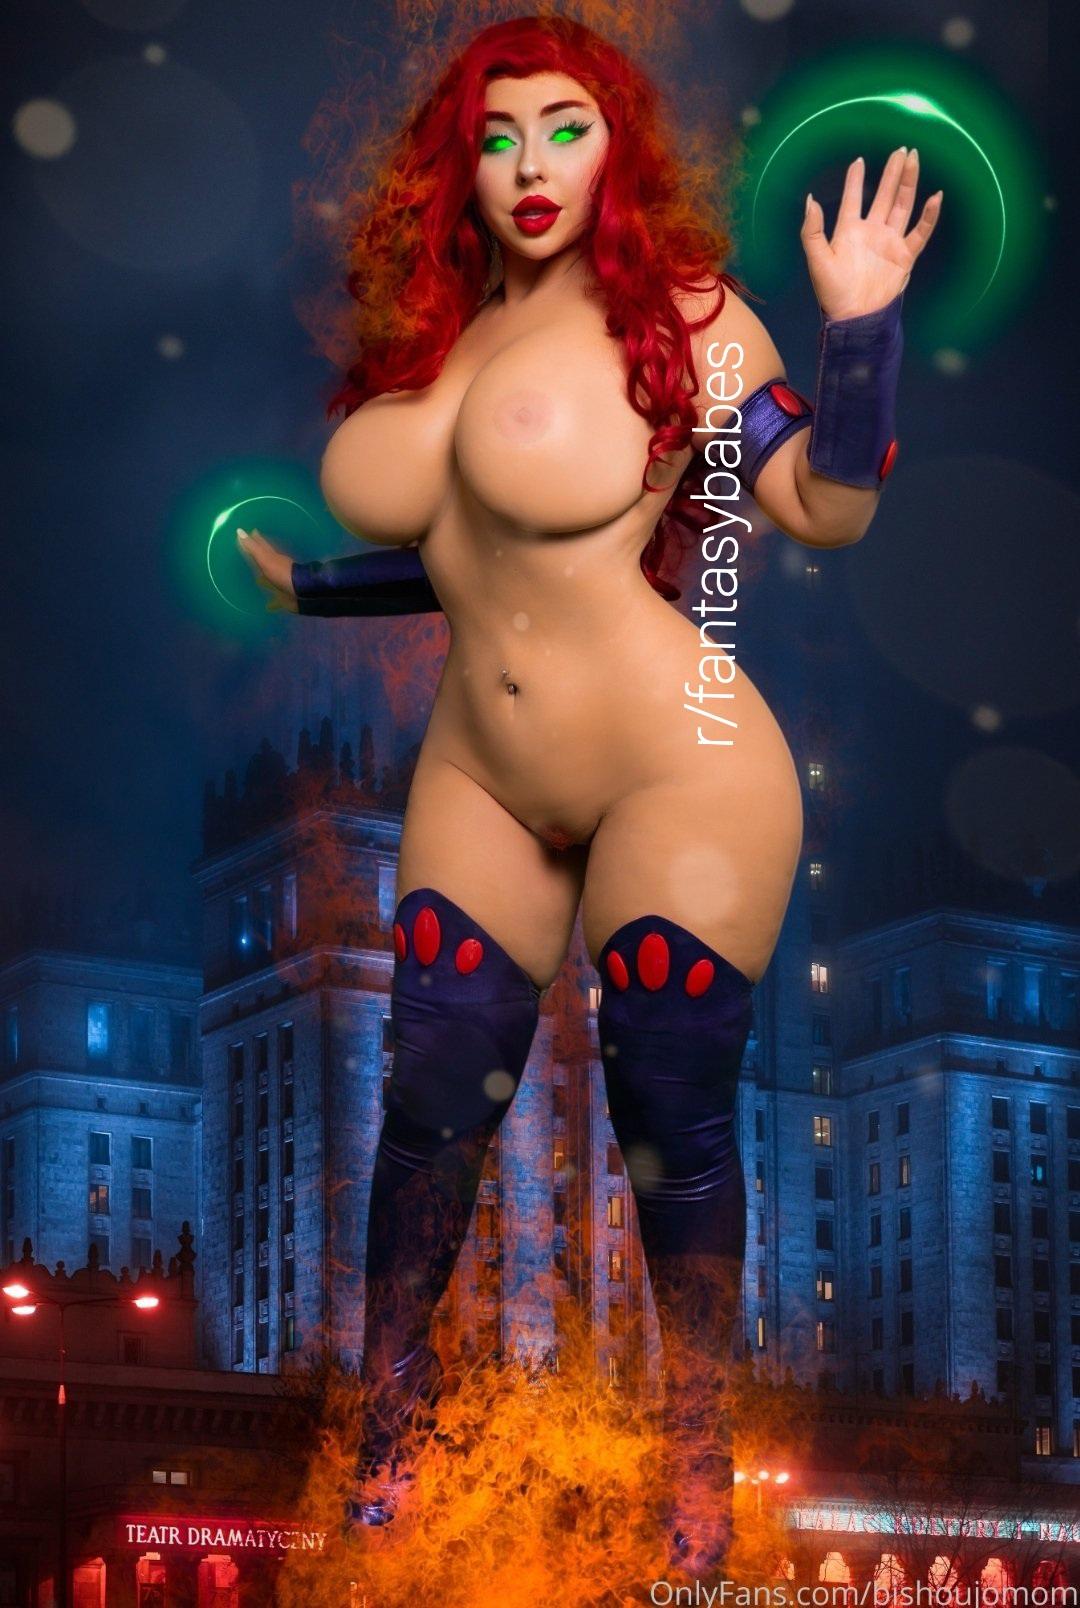 Starfire By Juliette Michelle